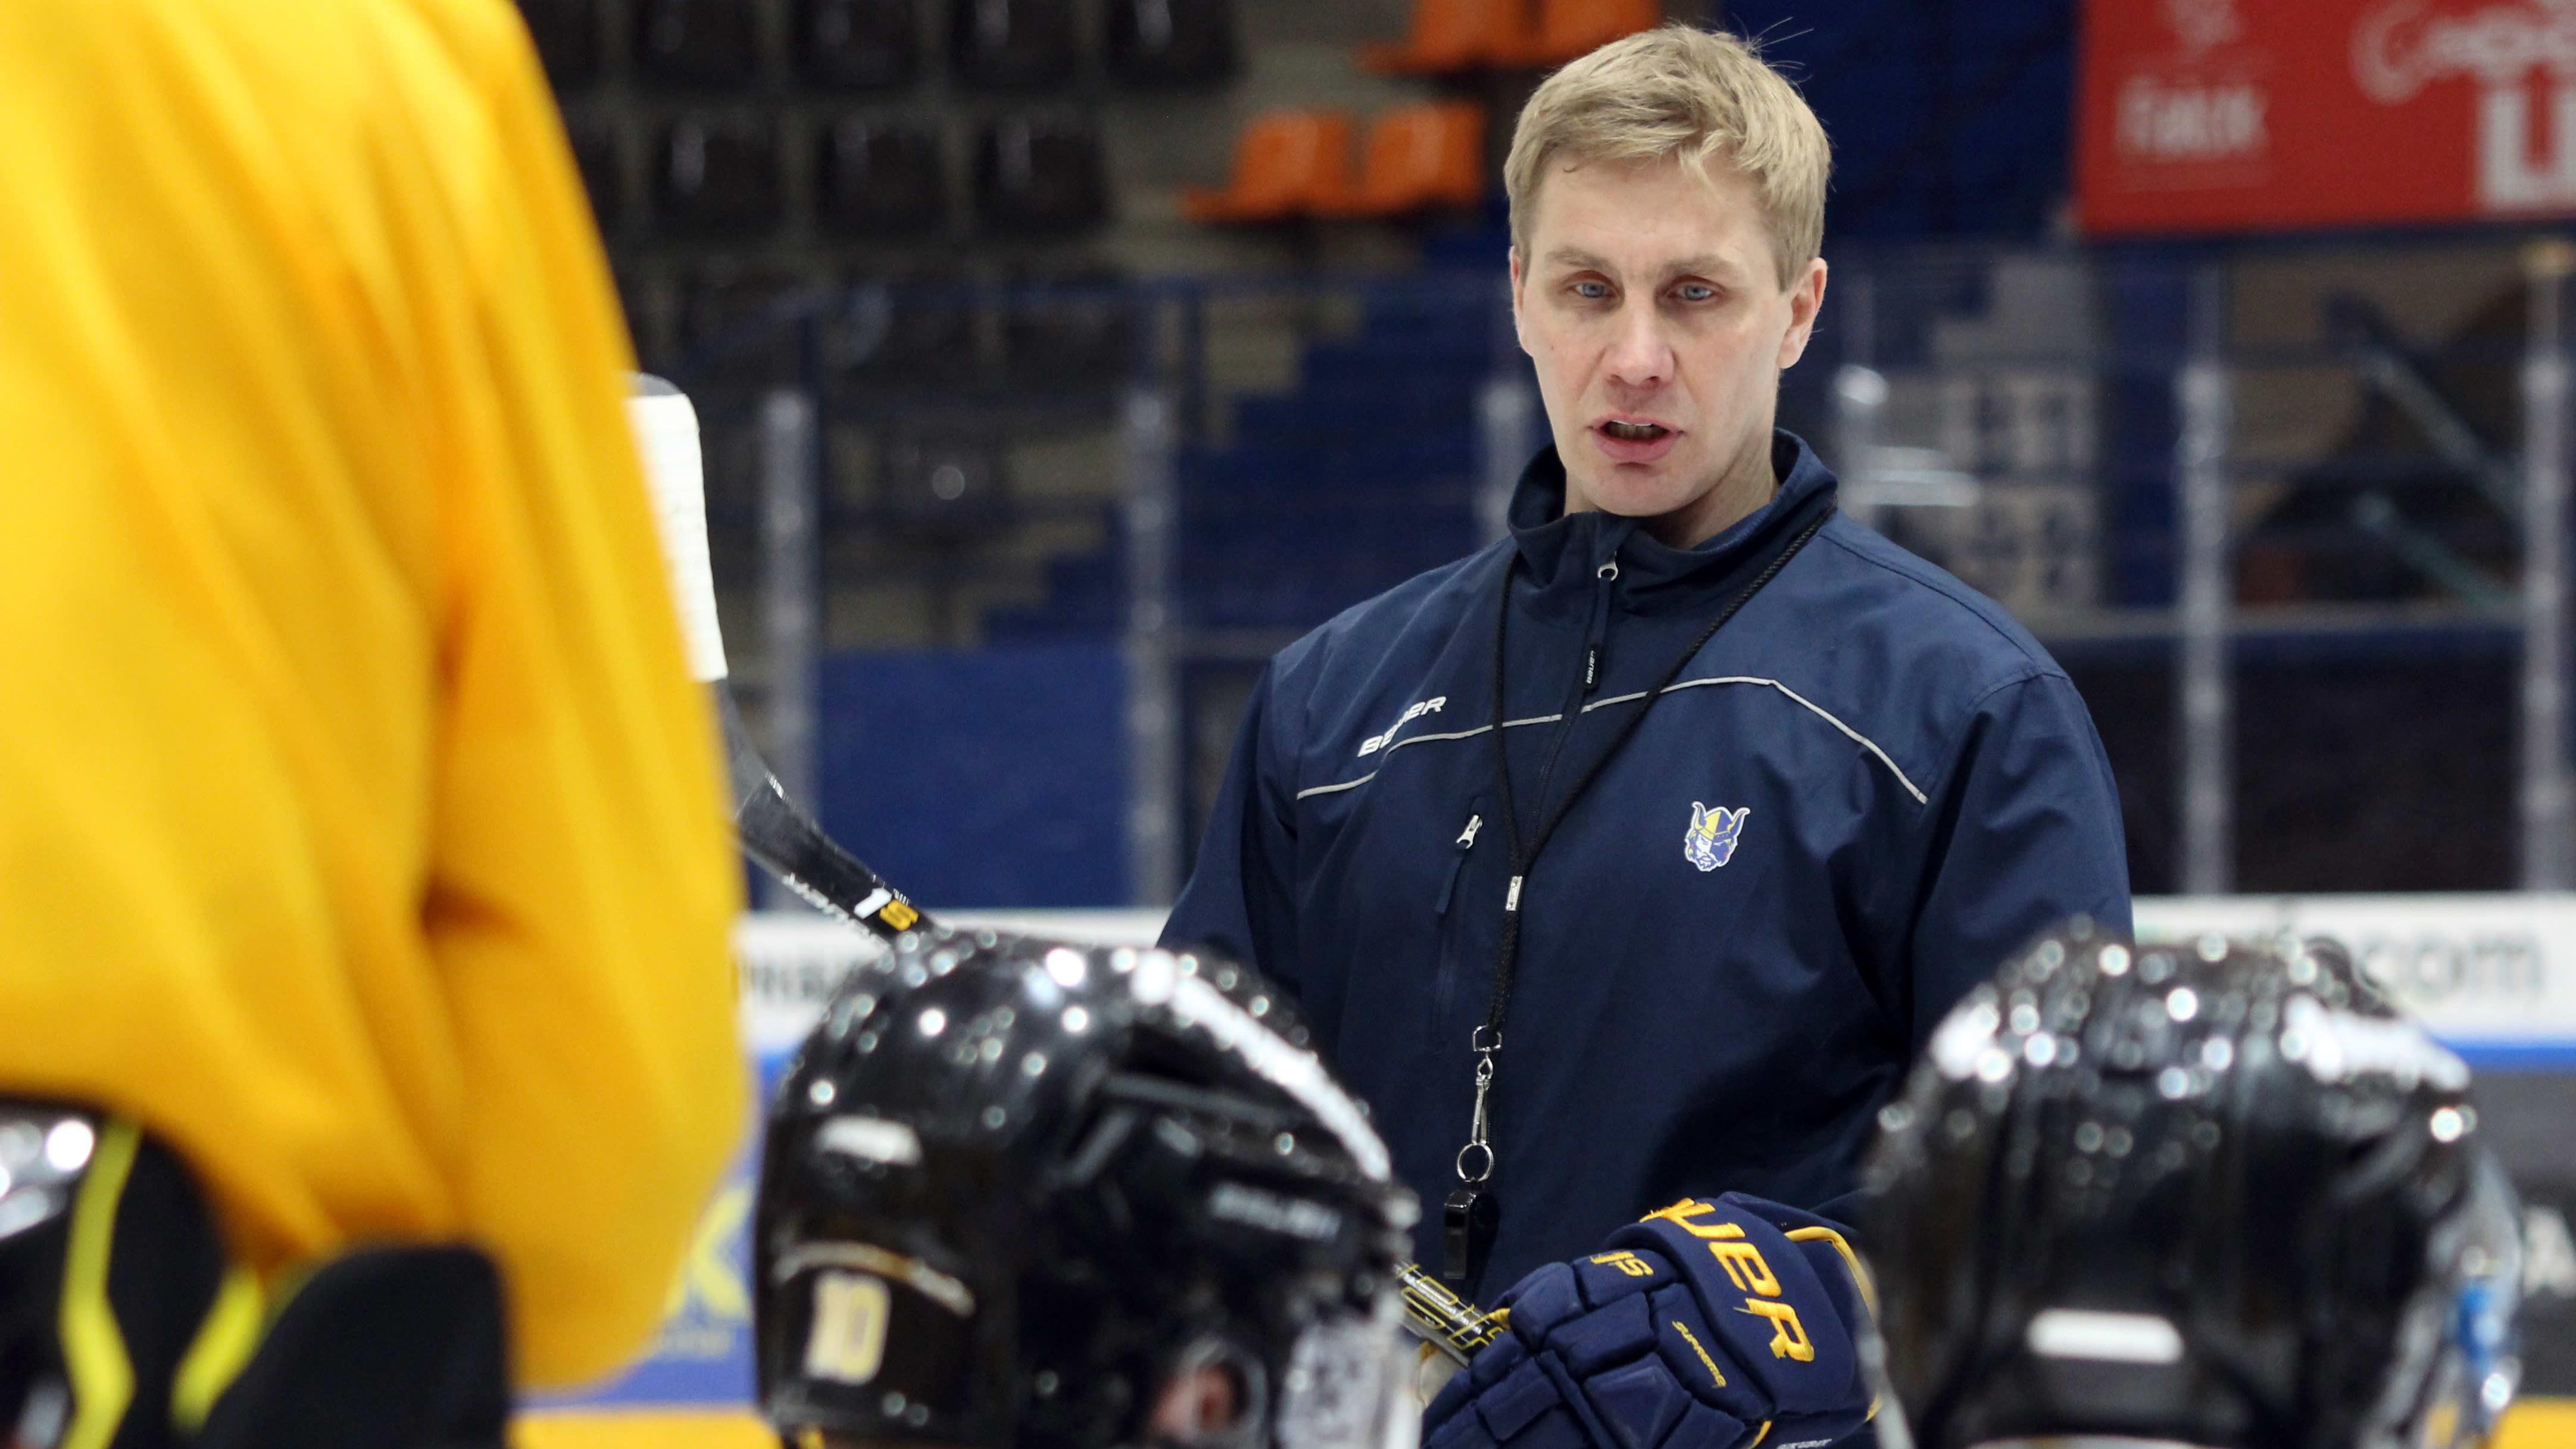 Päävalmentaja Marko Kauppinen ohjeistaa pelaajia Mikkelin Jukurien harjoituksissa.